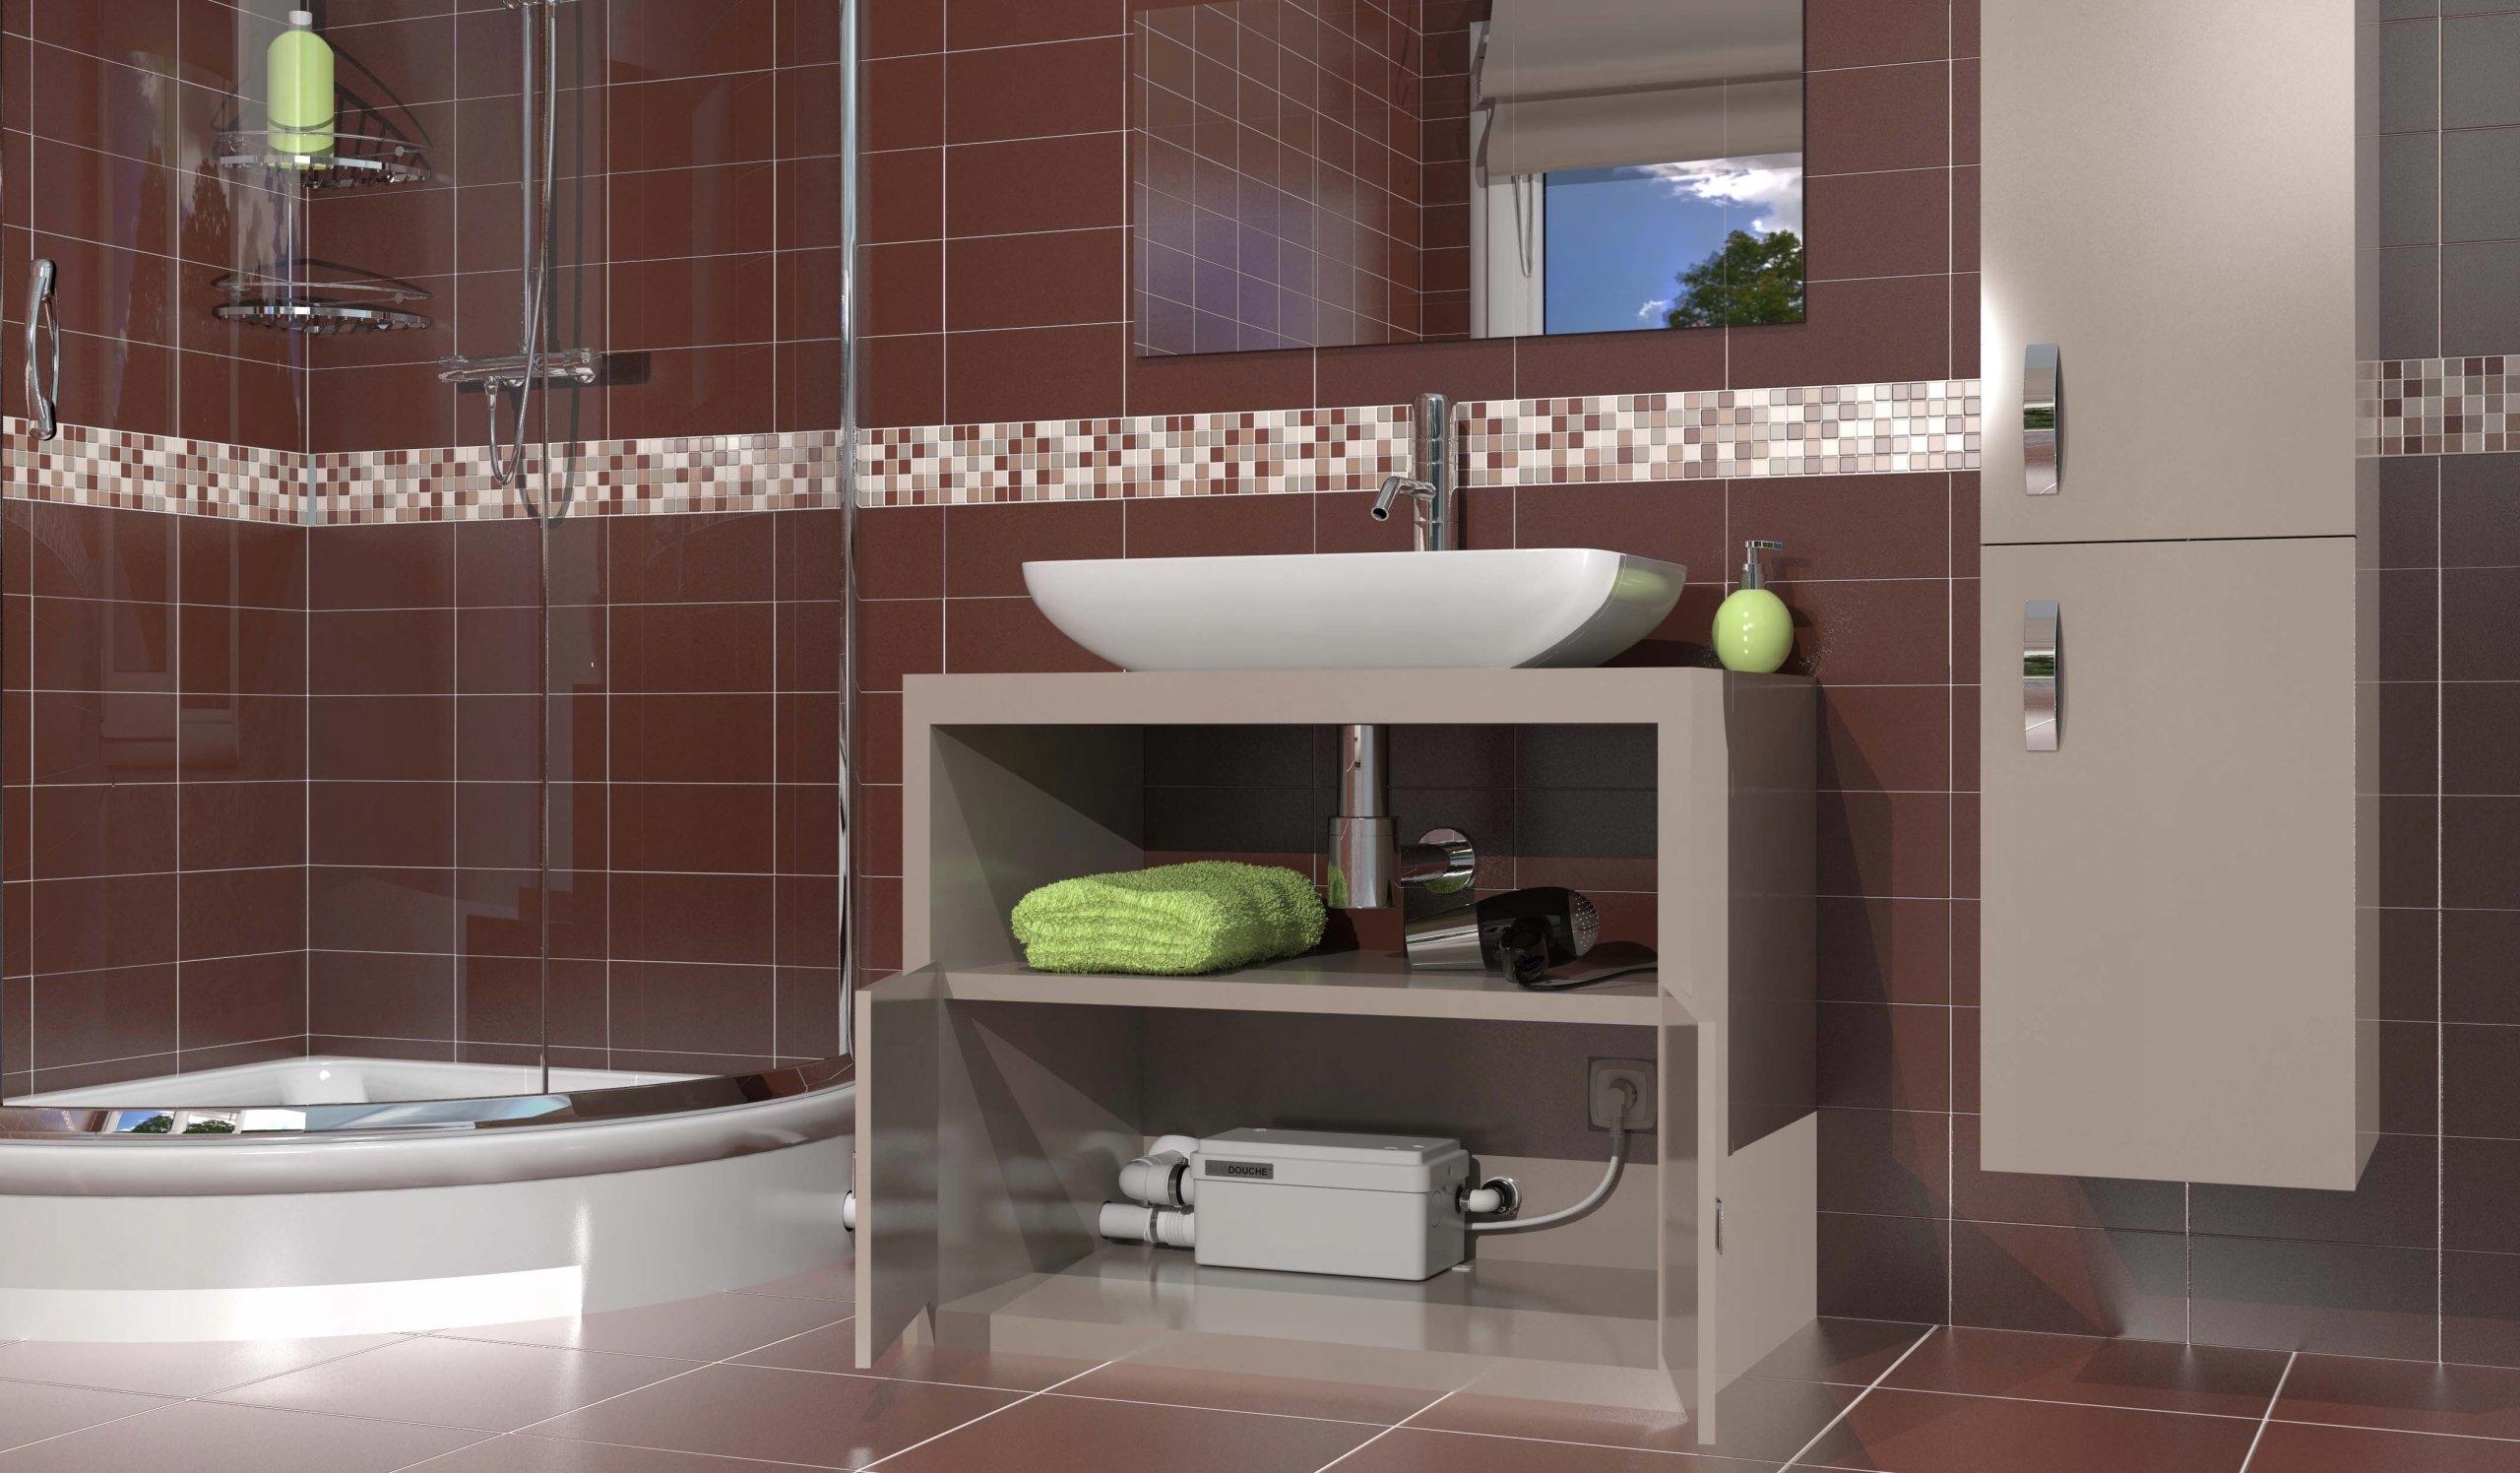 Sfa Pompa Do ścieków łazienka Bez Wc Sanidouche